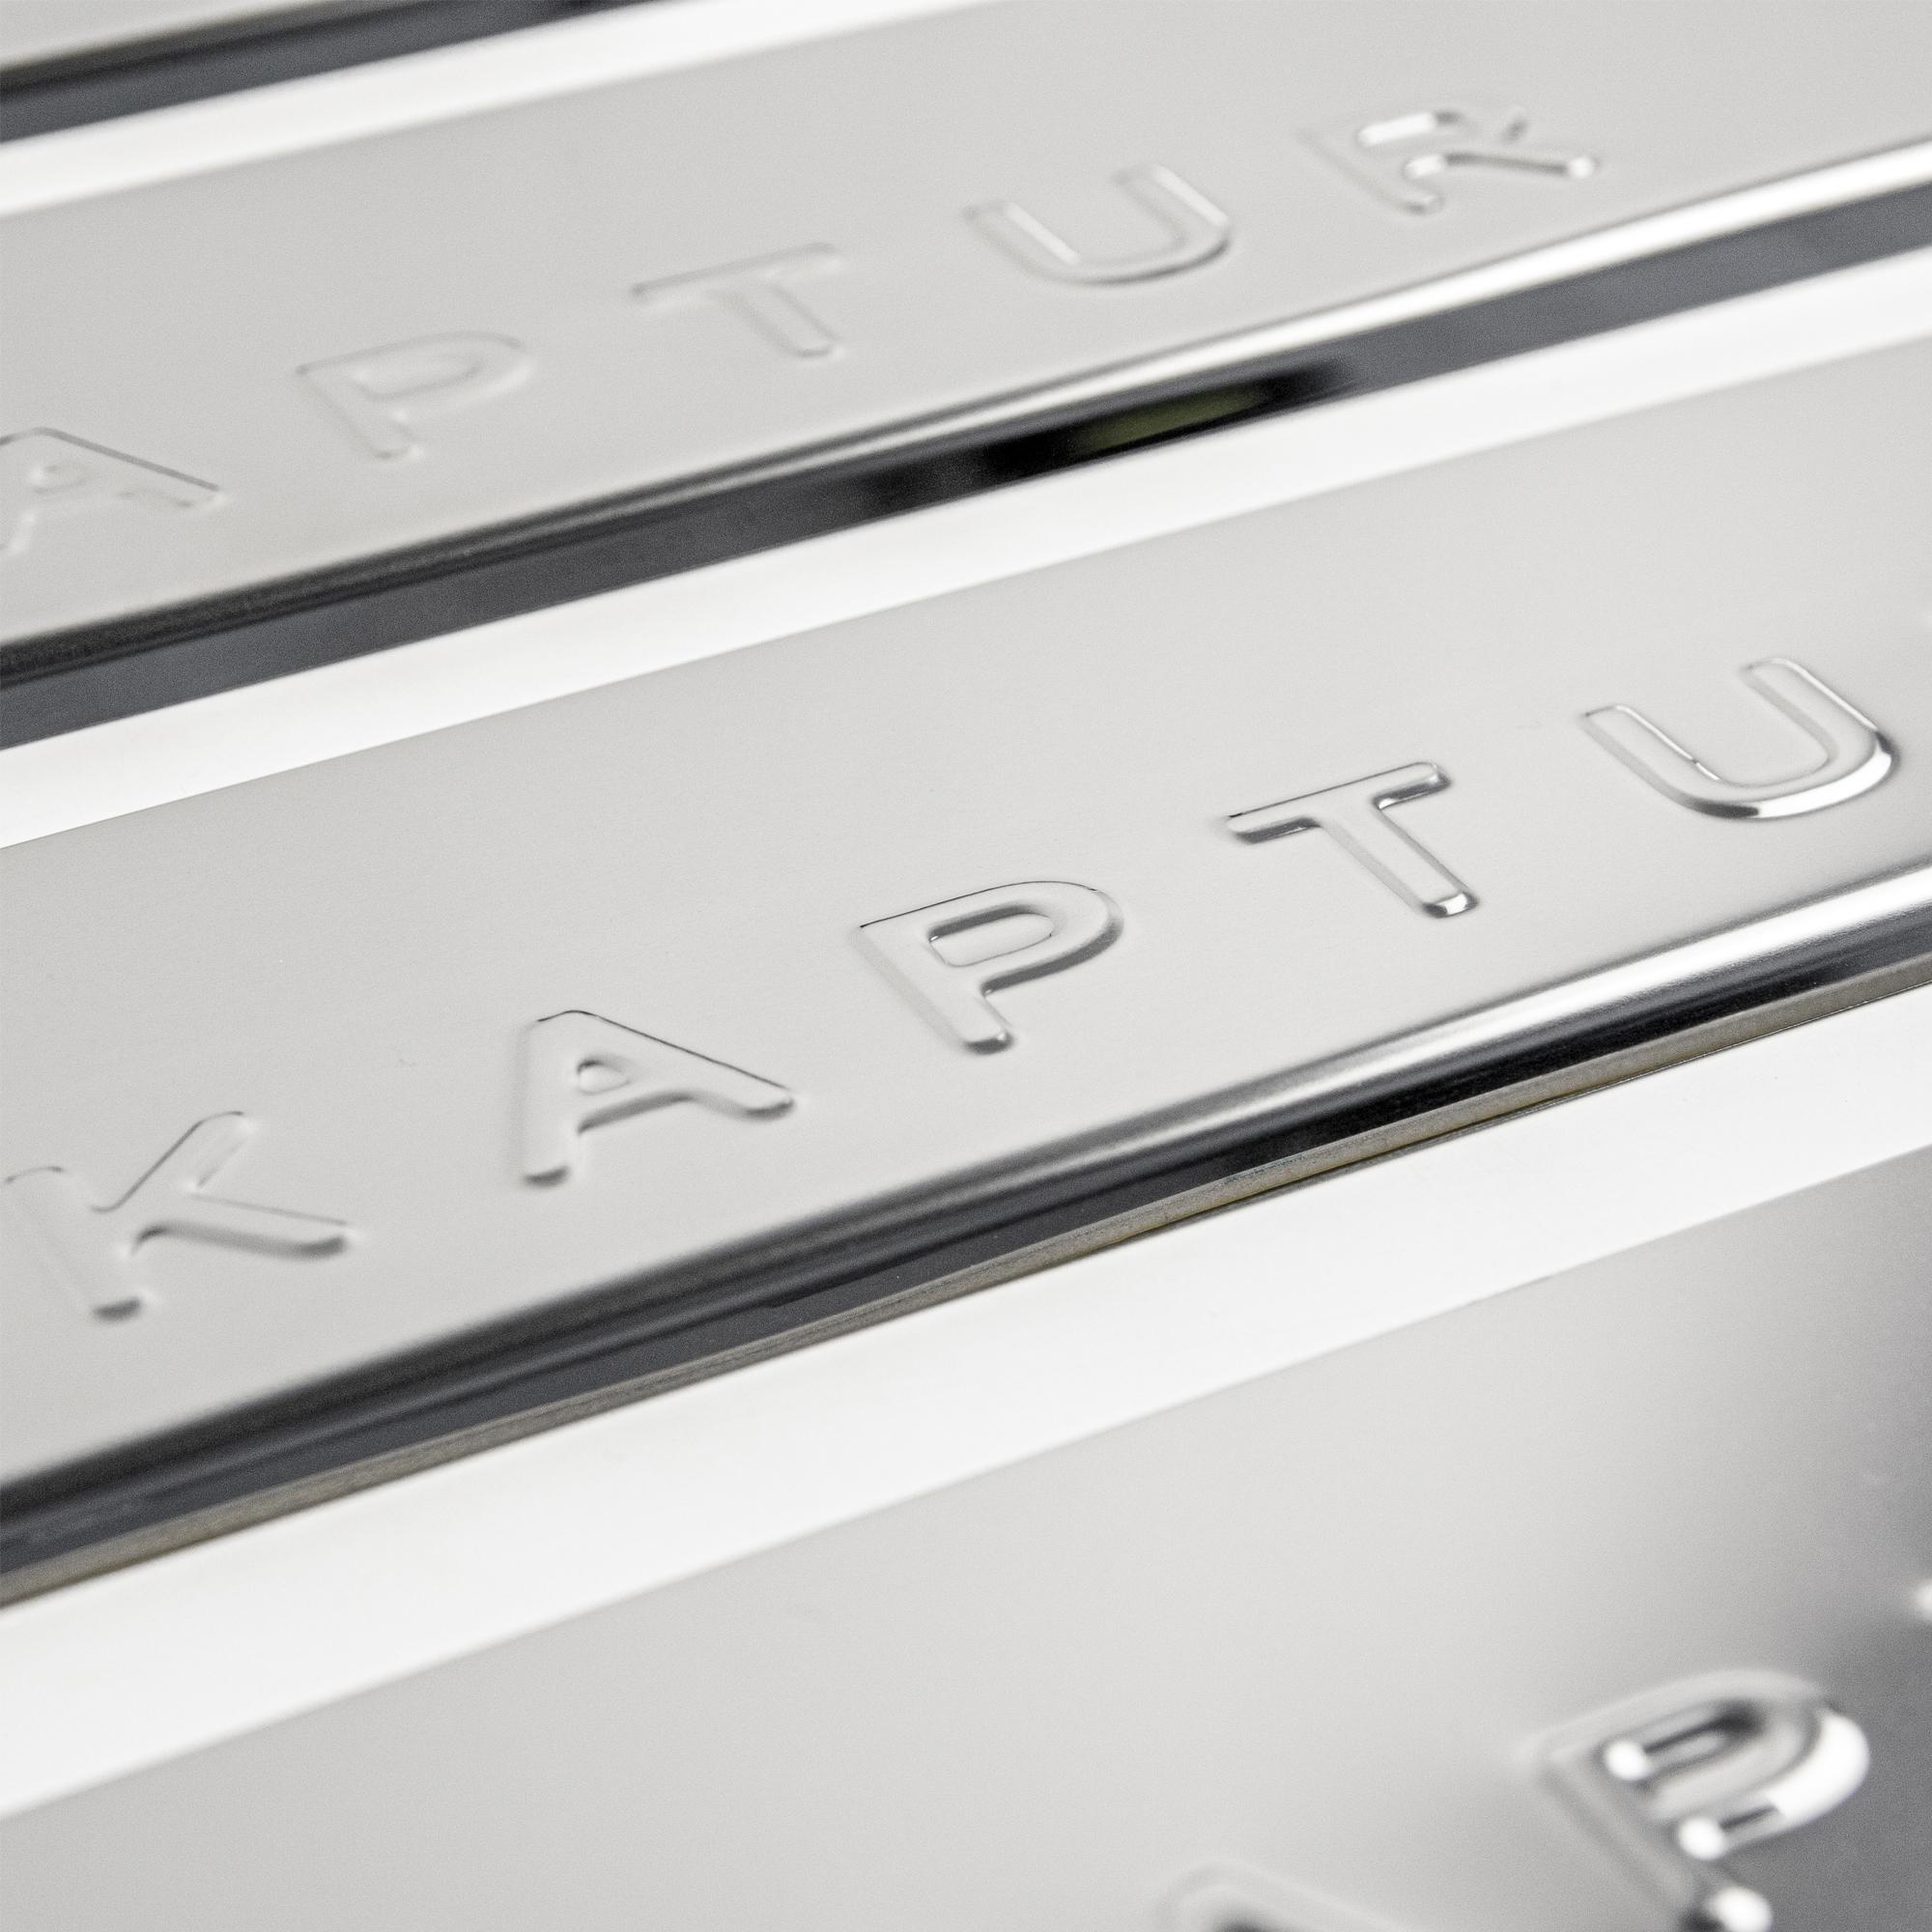 Накладки на пороги в проем дверей (нержавейка) для Renault Kaptur1